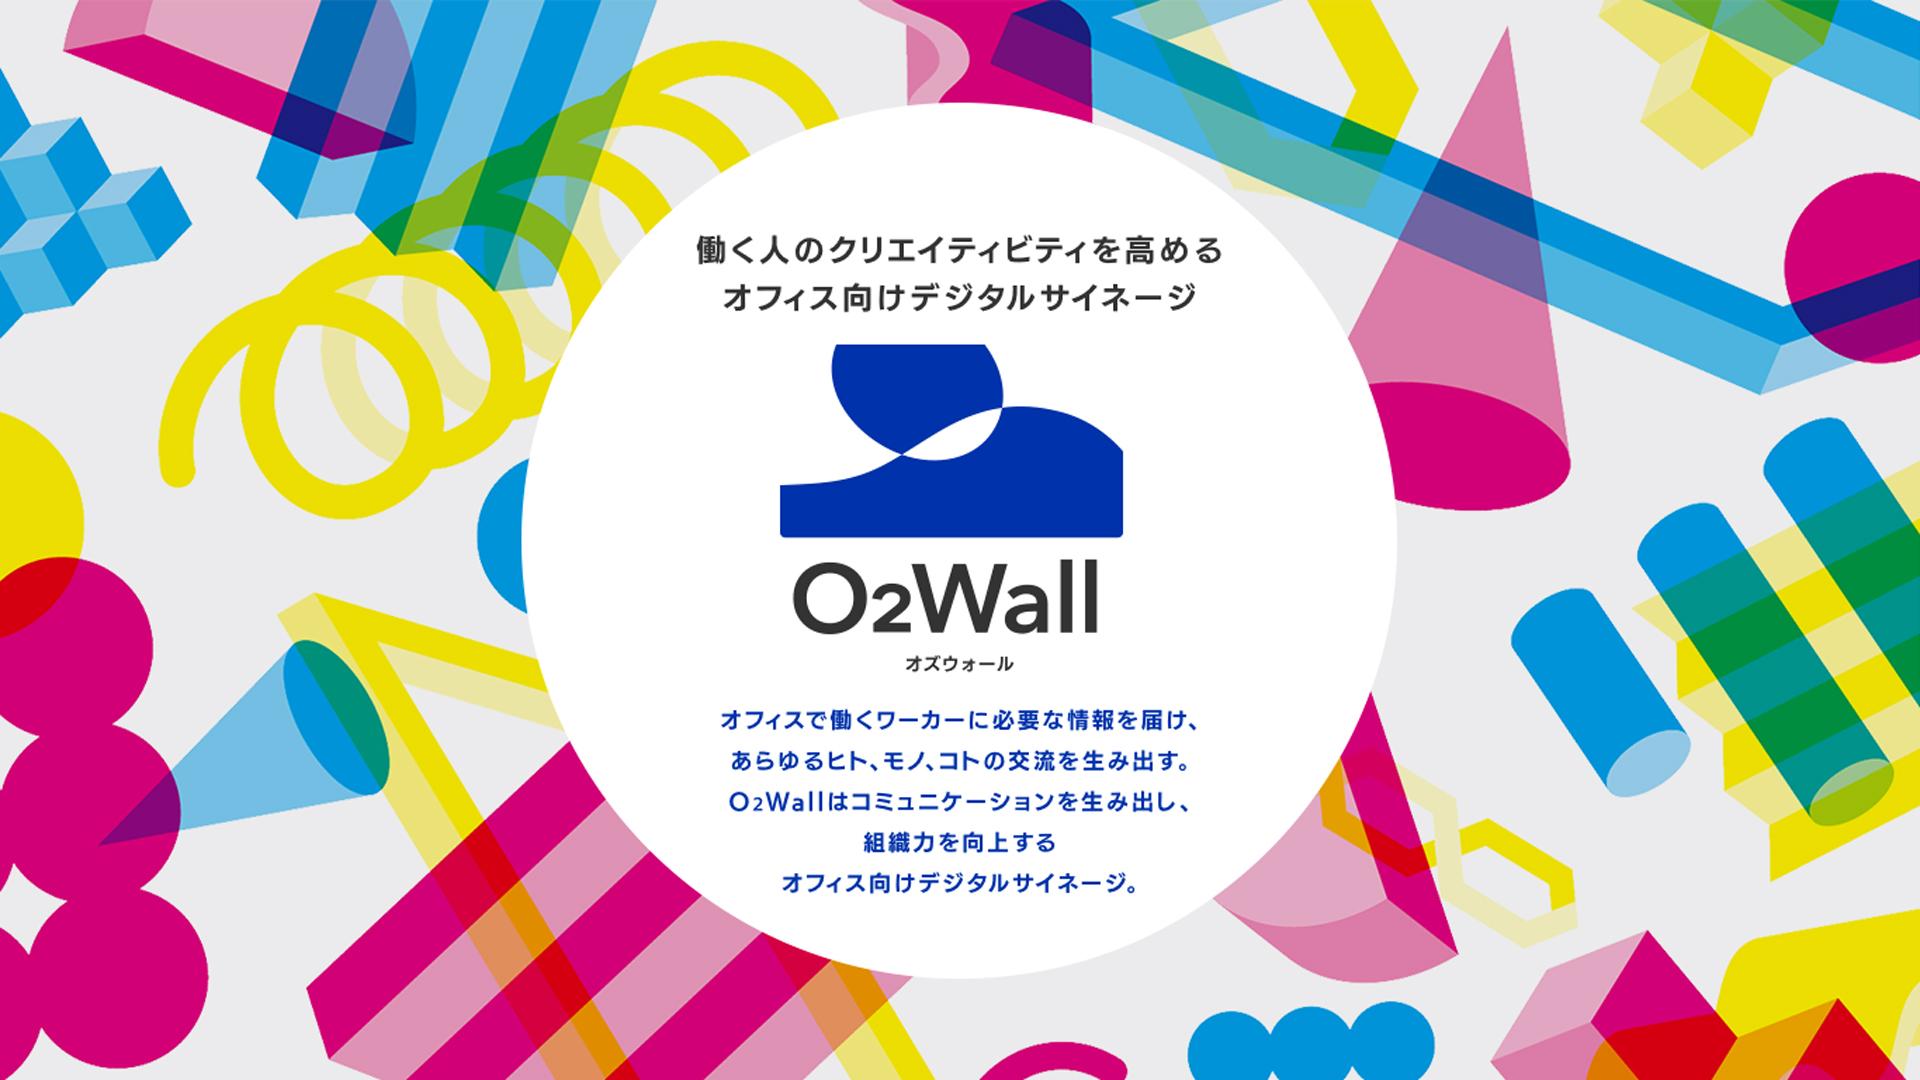 O2Wall_PC_Teaser